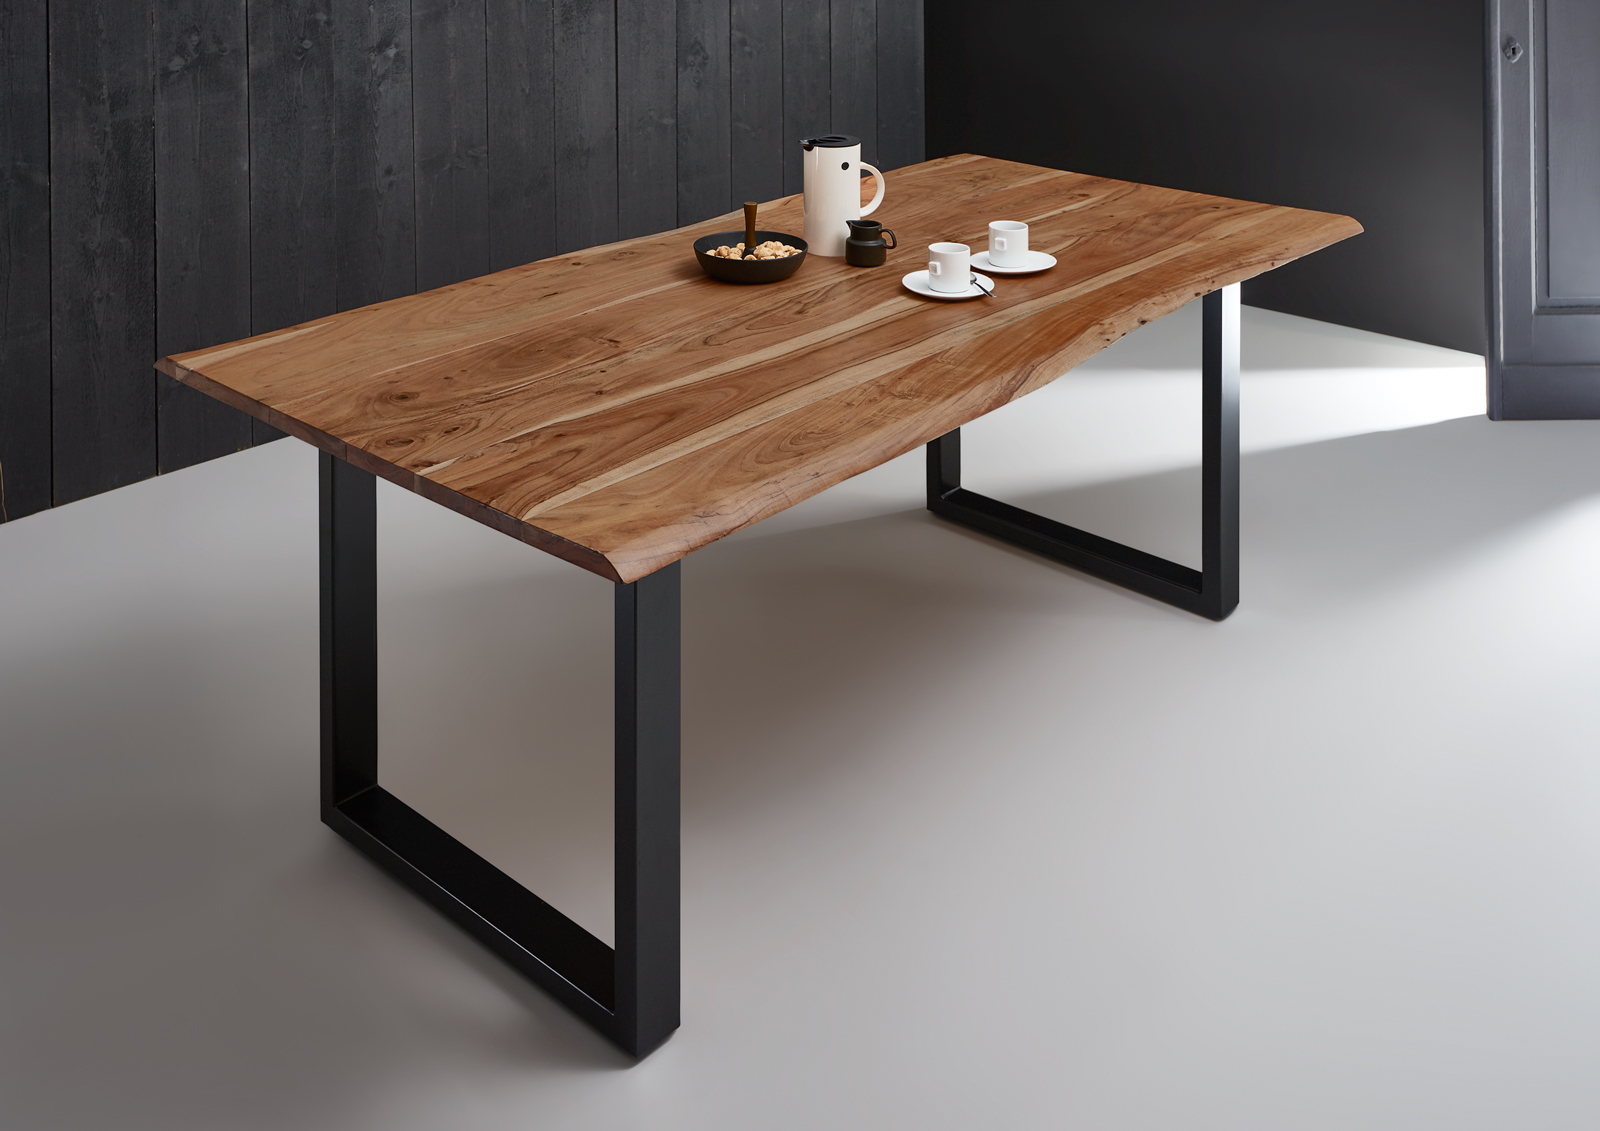 SAM® Baumkantentisch Esszimmer Tisch 160 Cm Massiv Akazie Milo Auf Lager !